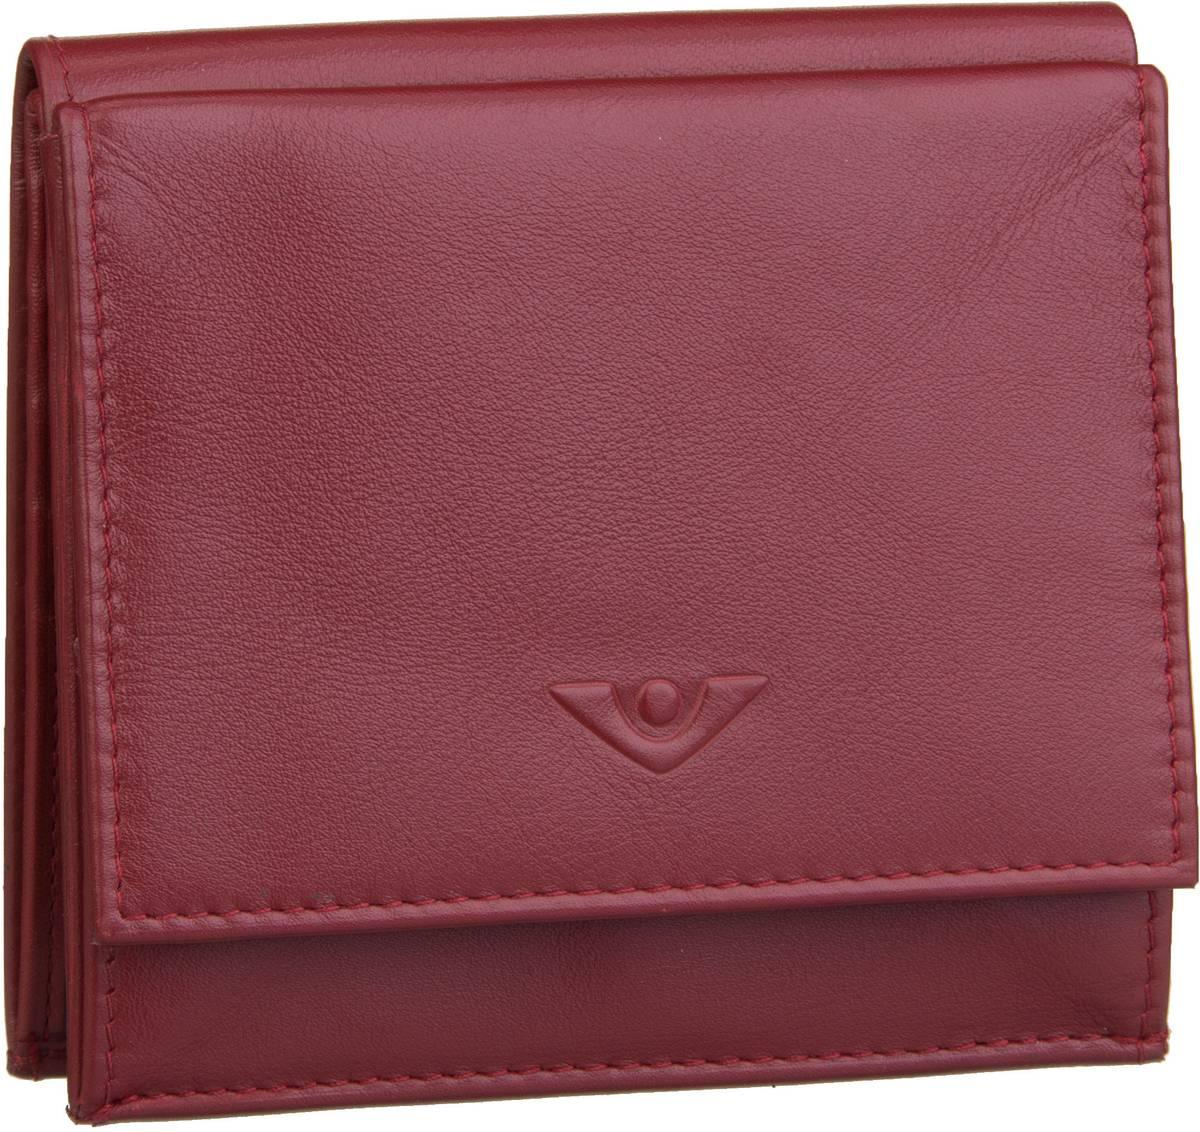 Geldboersen für Frauen - Voi Geldbörse Soft 70024 Wienerschachtel Granat  - Onlineshop Taschenkaufhaus